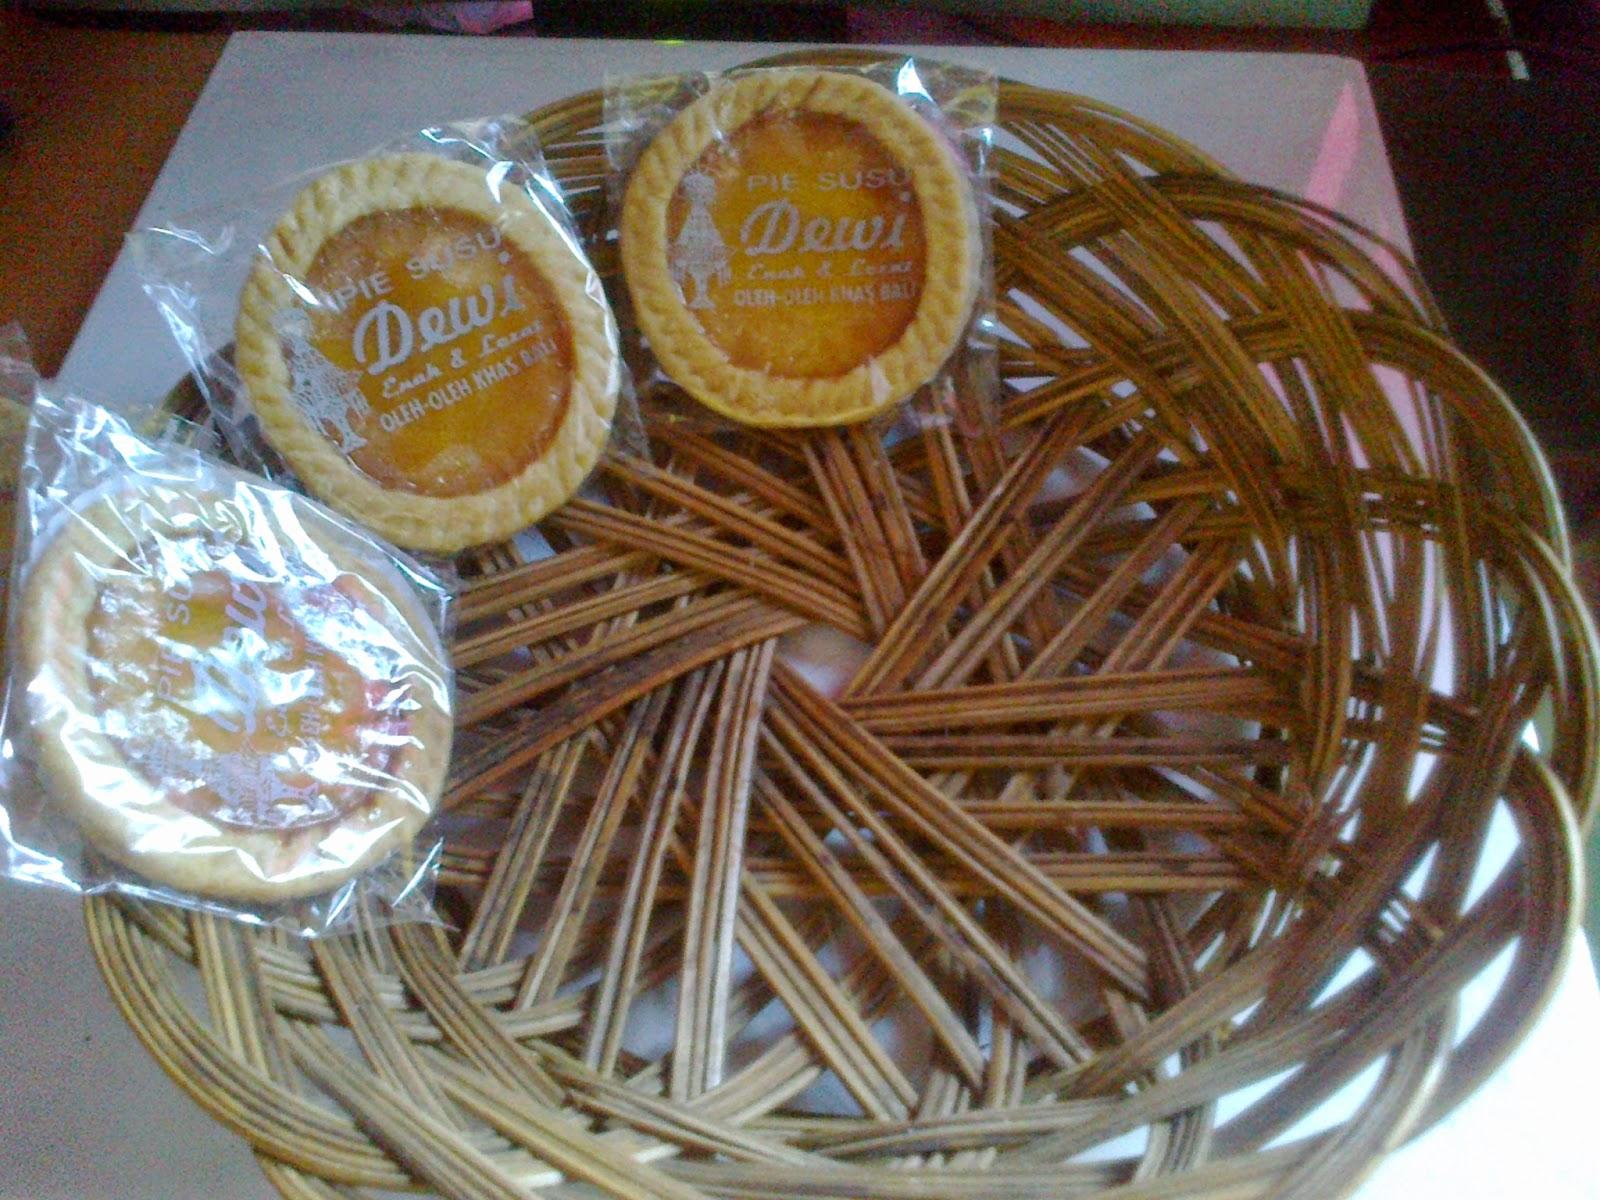 Jual Pie Susu Bali Di Kota Bogor